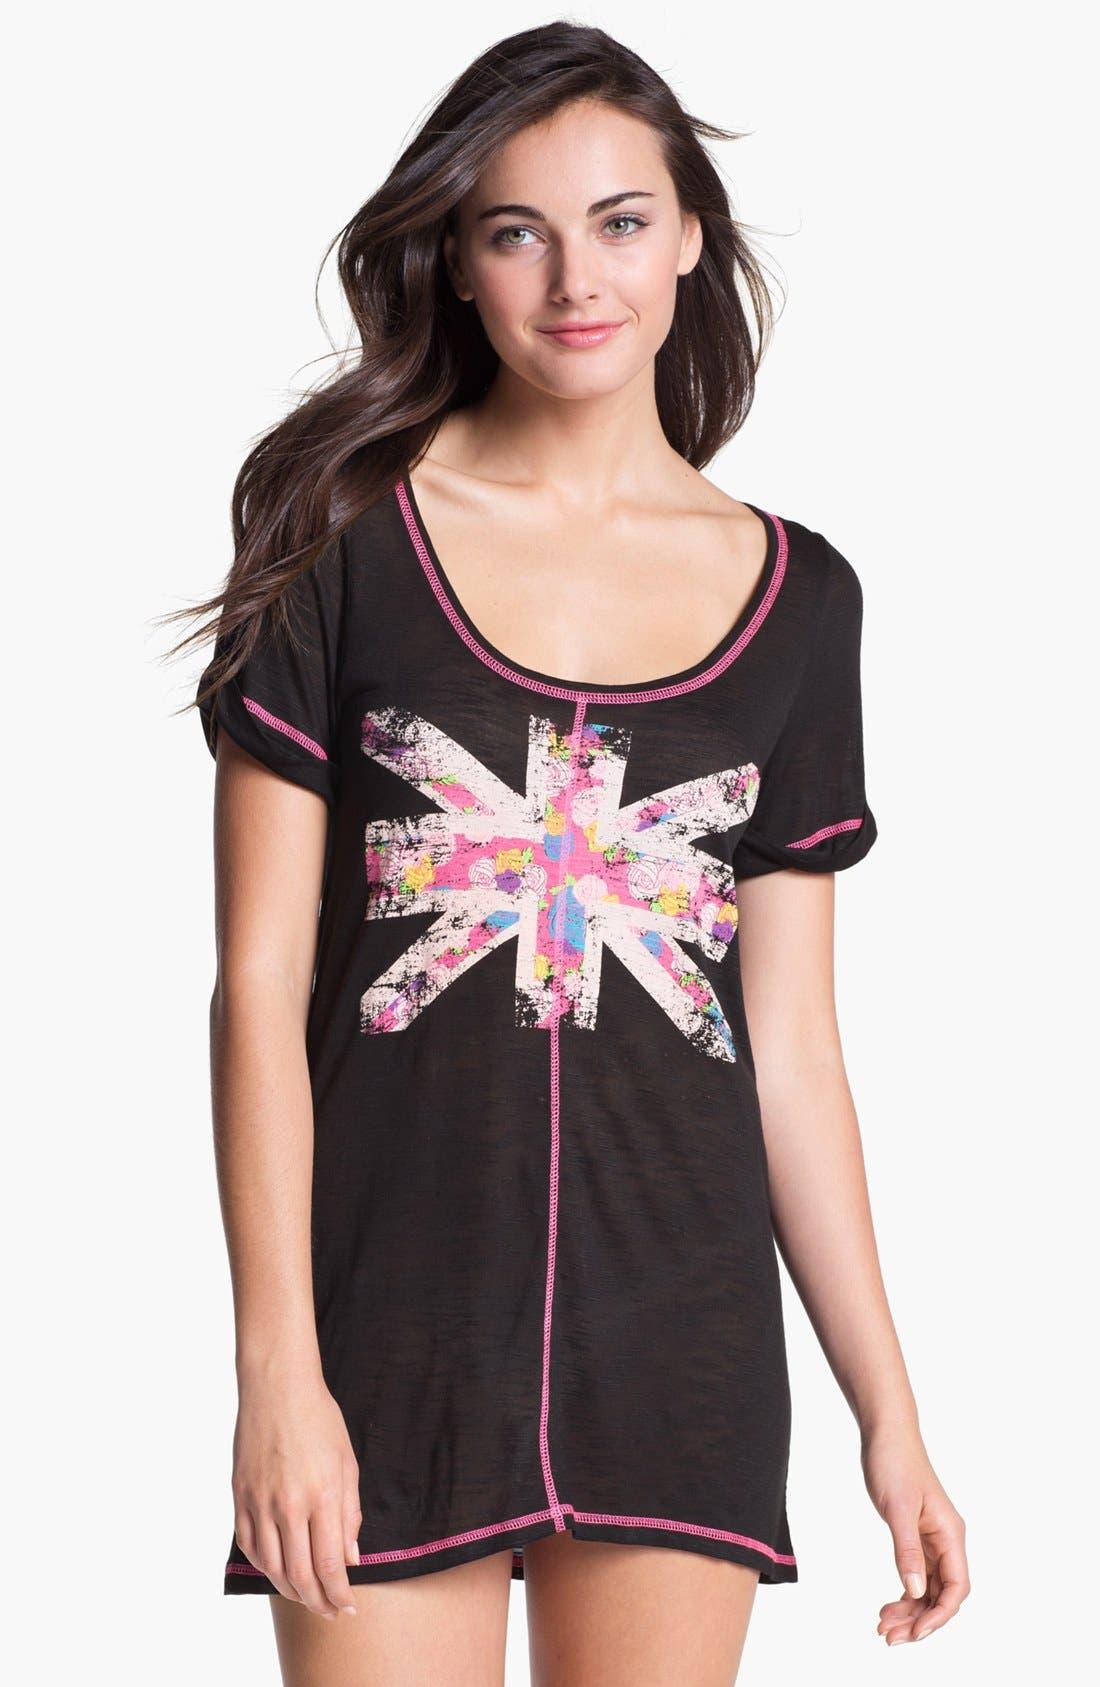 Main Image - Honeydew Intimates Graphic Print Tunic Sleep Shirt